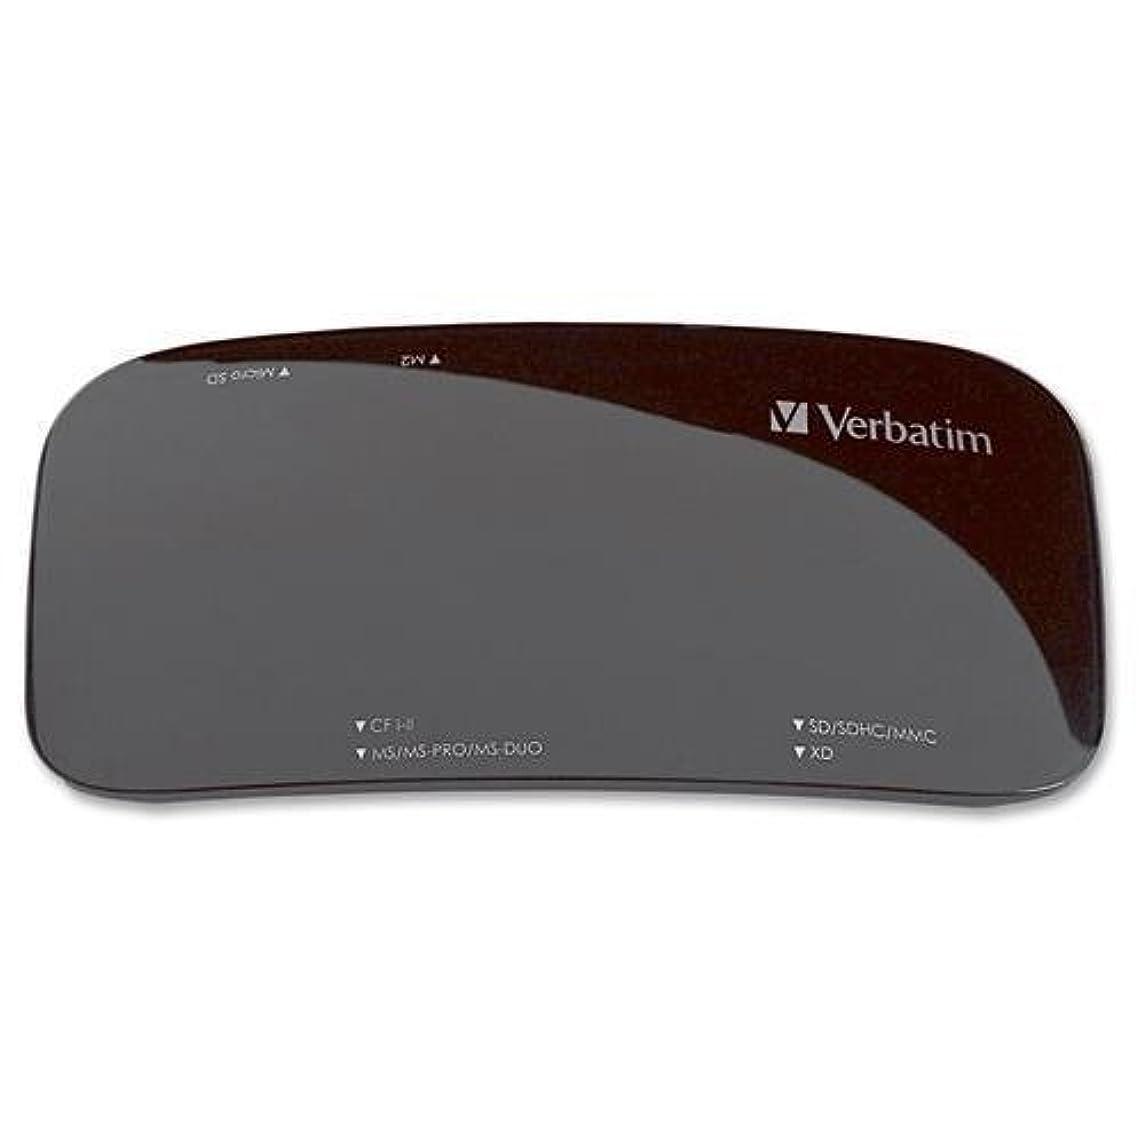 内訳機械的に鯨Verbatim 15?- In - 1?USB 2.0フラッシュリーダー?–?15?- In - 1?–?CFタイプI、CFタイプII、マイクロドライブ、メモリスティックDuo、メモリスティック、Pro、メモリスティックPRO Duo MagicGateメモリスティックDuo SmartMedia、安全、安全なデジタル( SD )カード、デジタル高容量SDHC、MiniSDカード、。。。?–?USB 2.0?–?97705